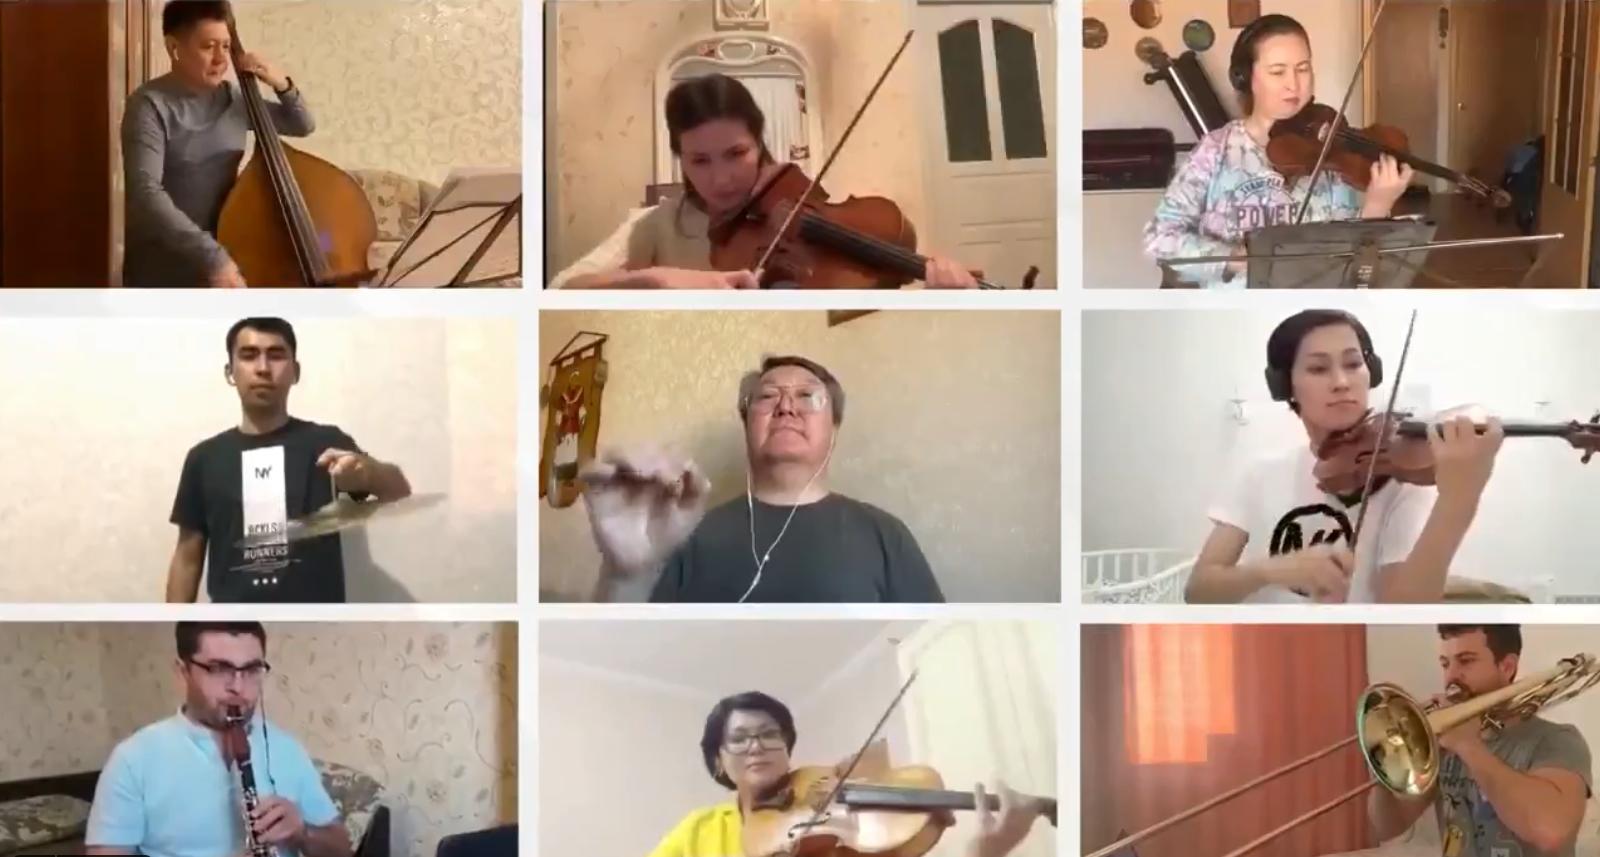 Dienas prieks: Simfoniskais orķestris arī pašizolācijas apstākļos uzstājas pilnā sastāvā